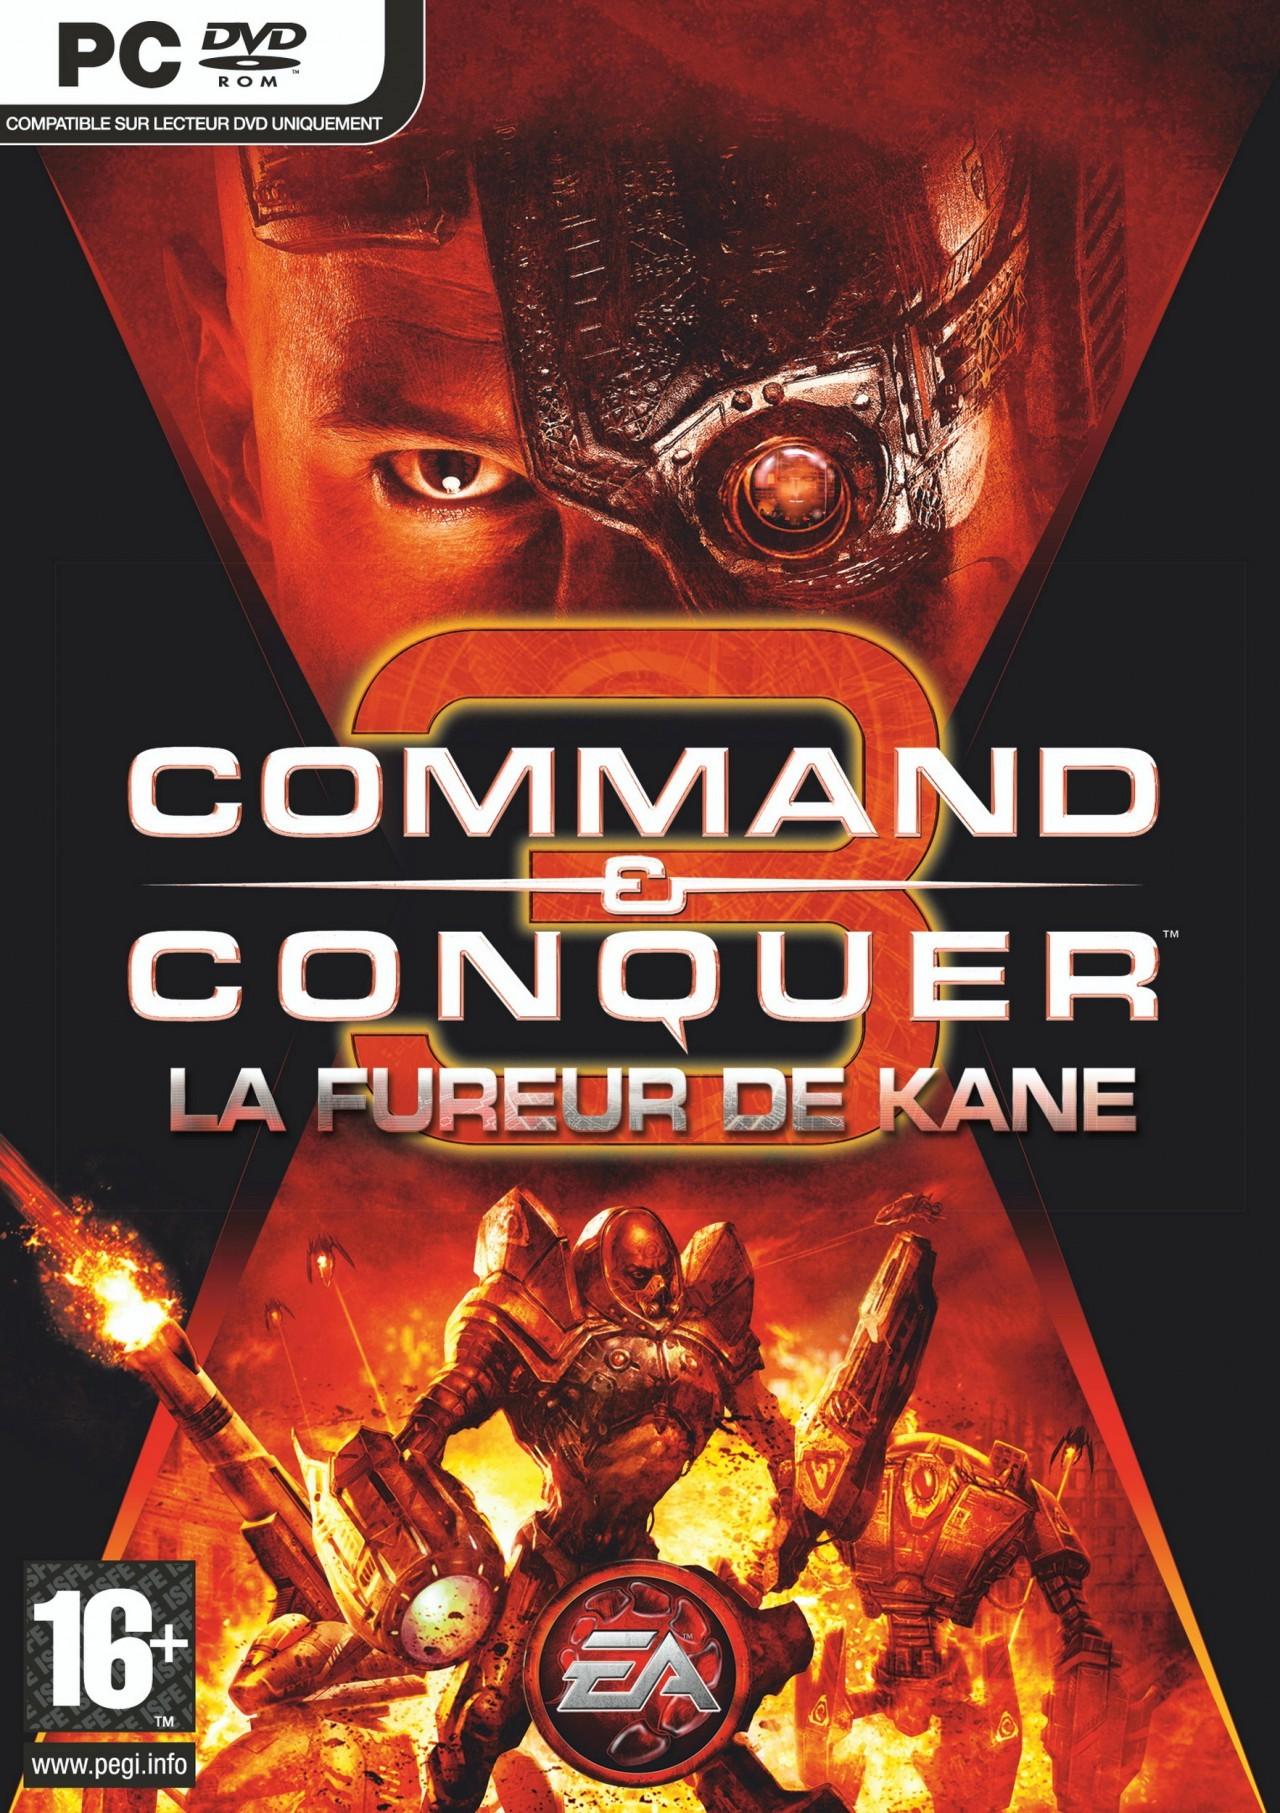 command and conquer 3 la fureur de kane